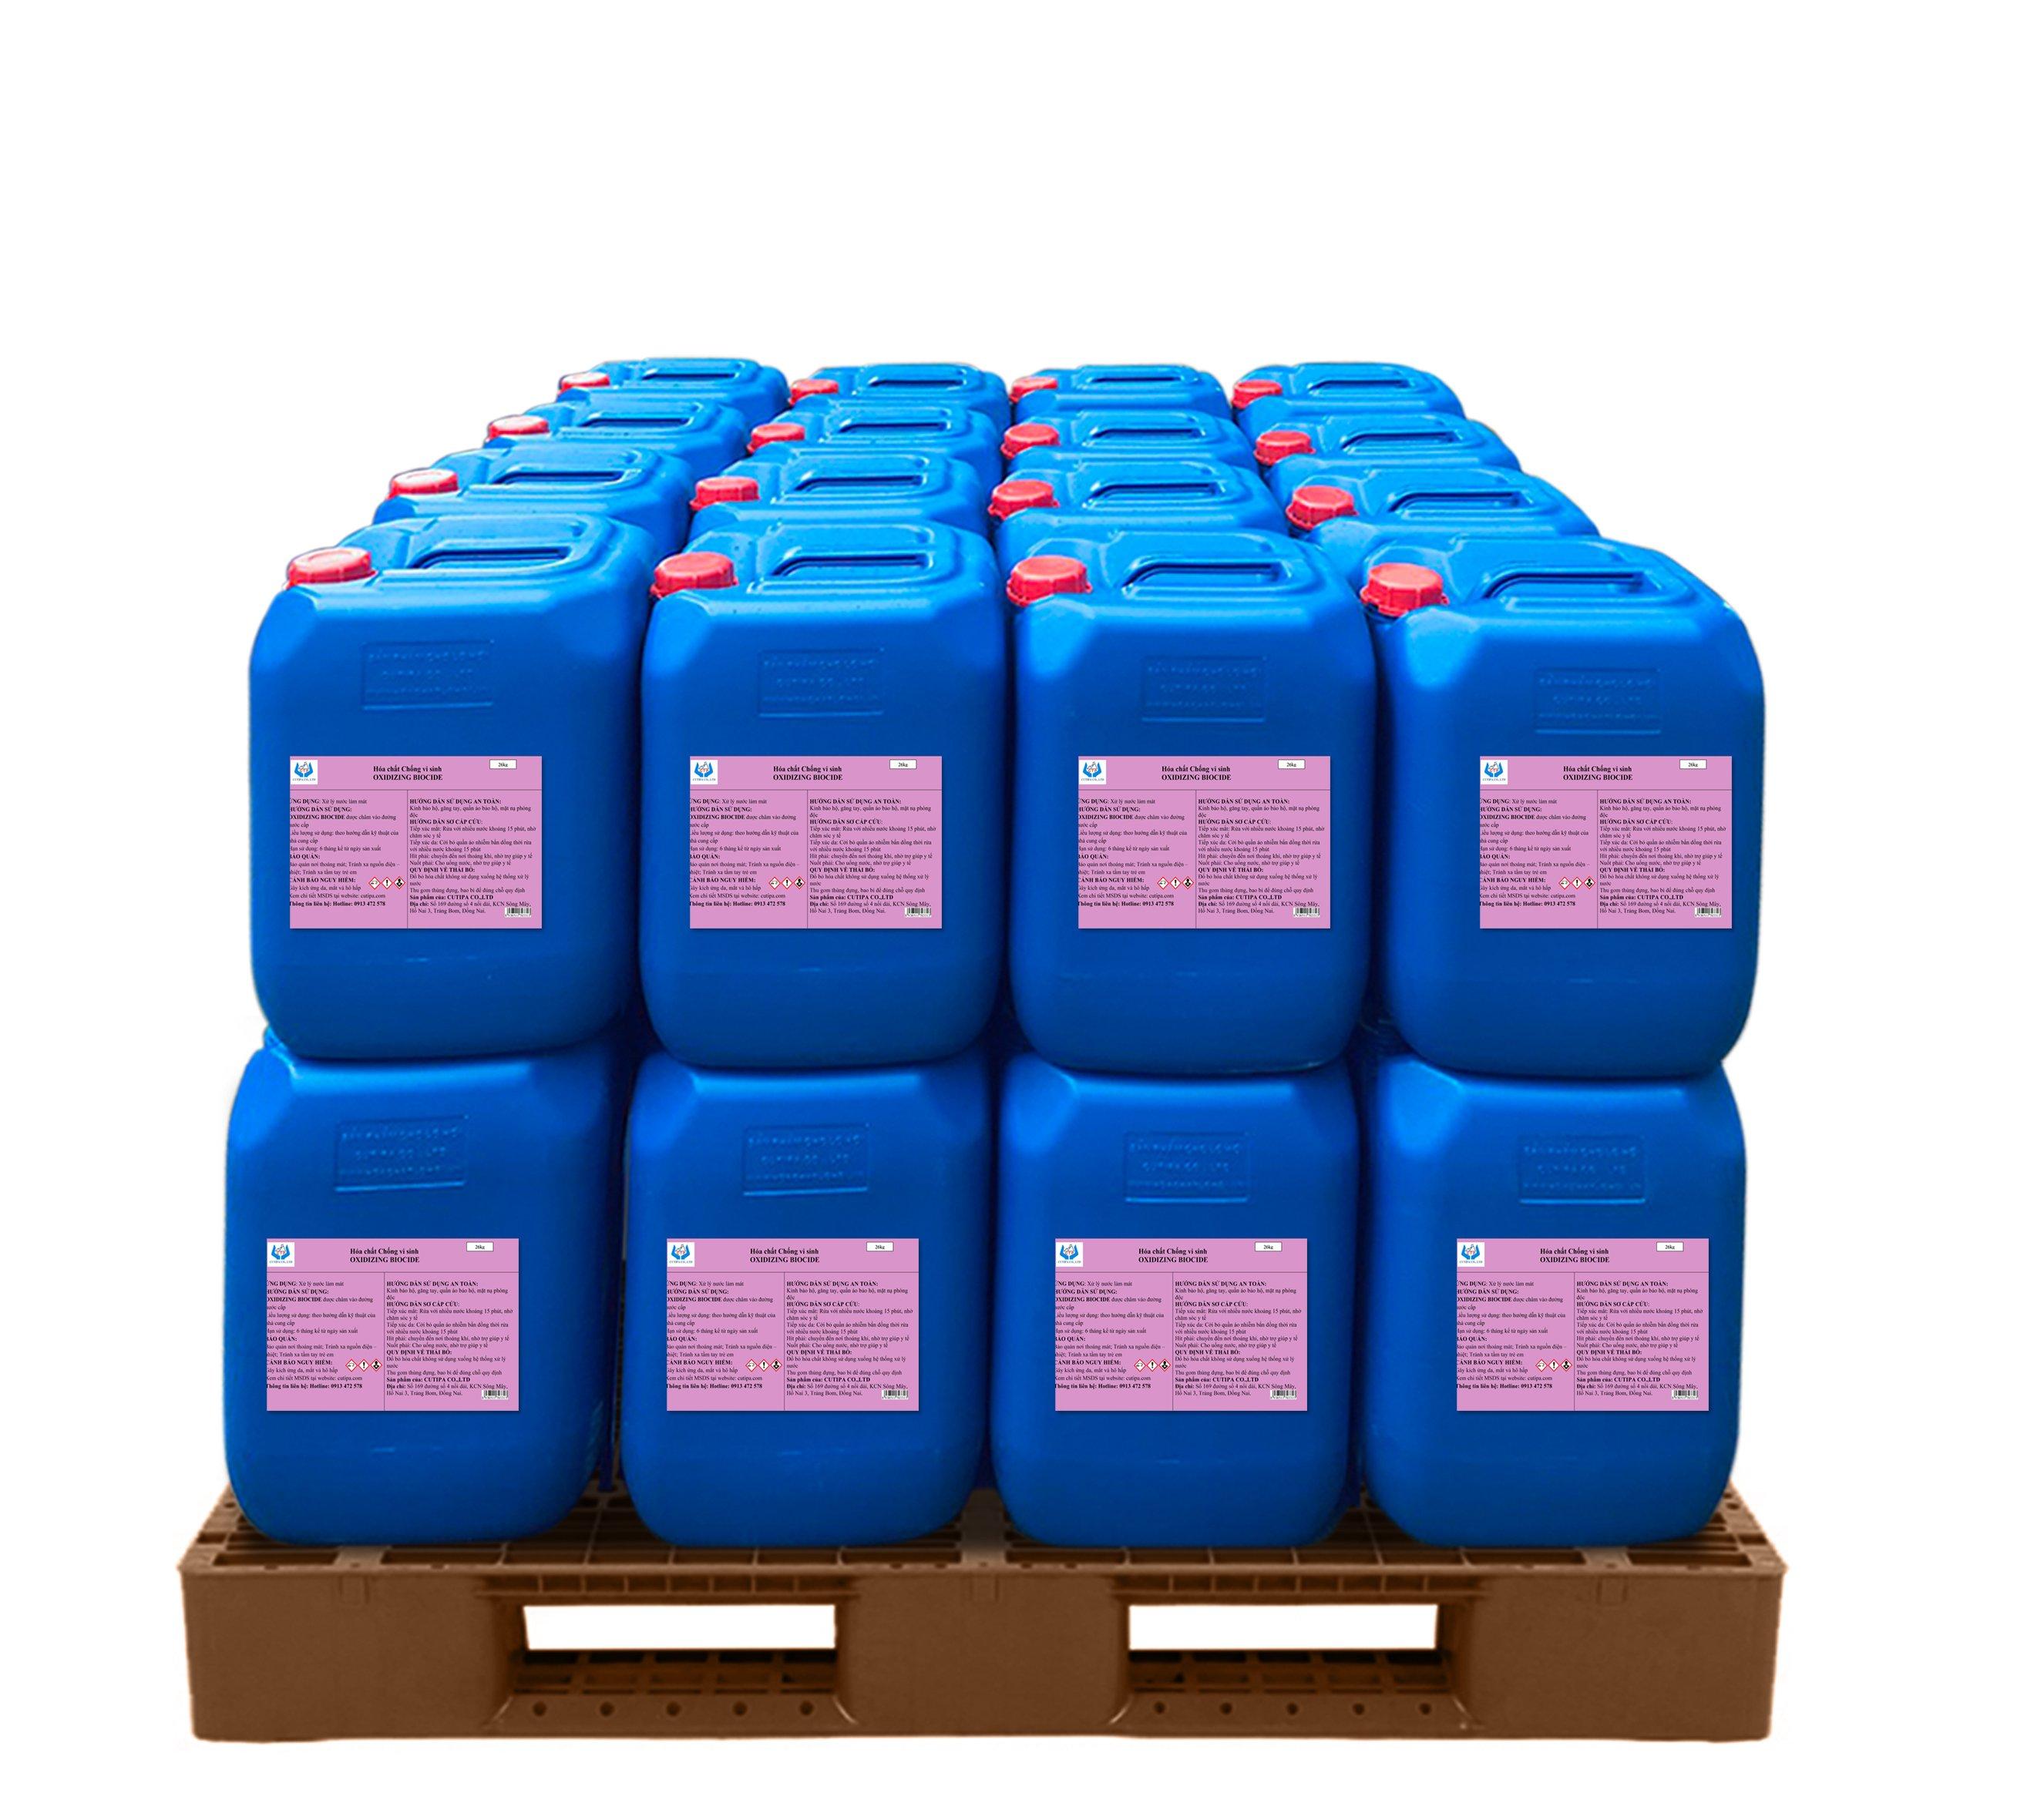 Hóa chất chống vi sinh dùng cho tháp giải nhiệt Oxydizing Biocide